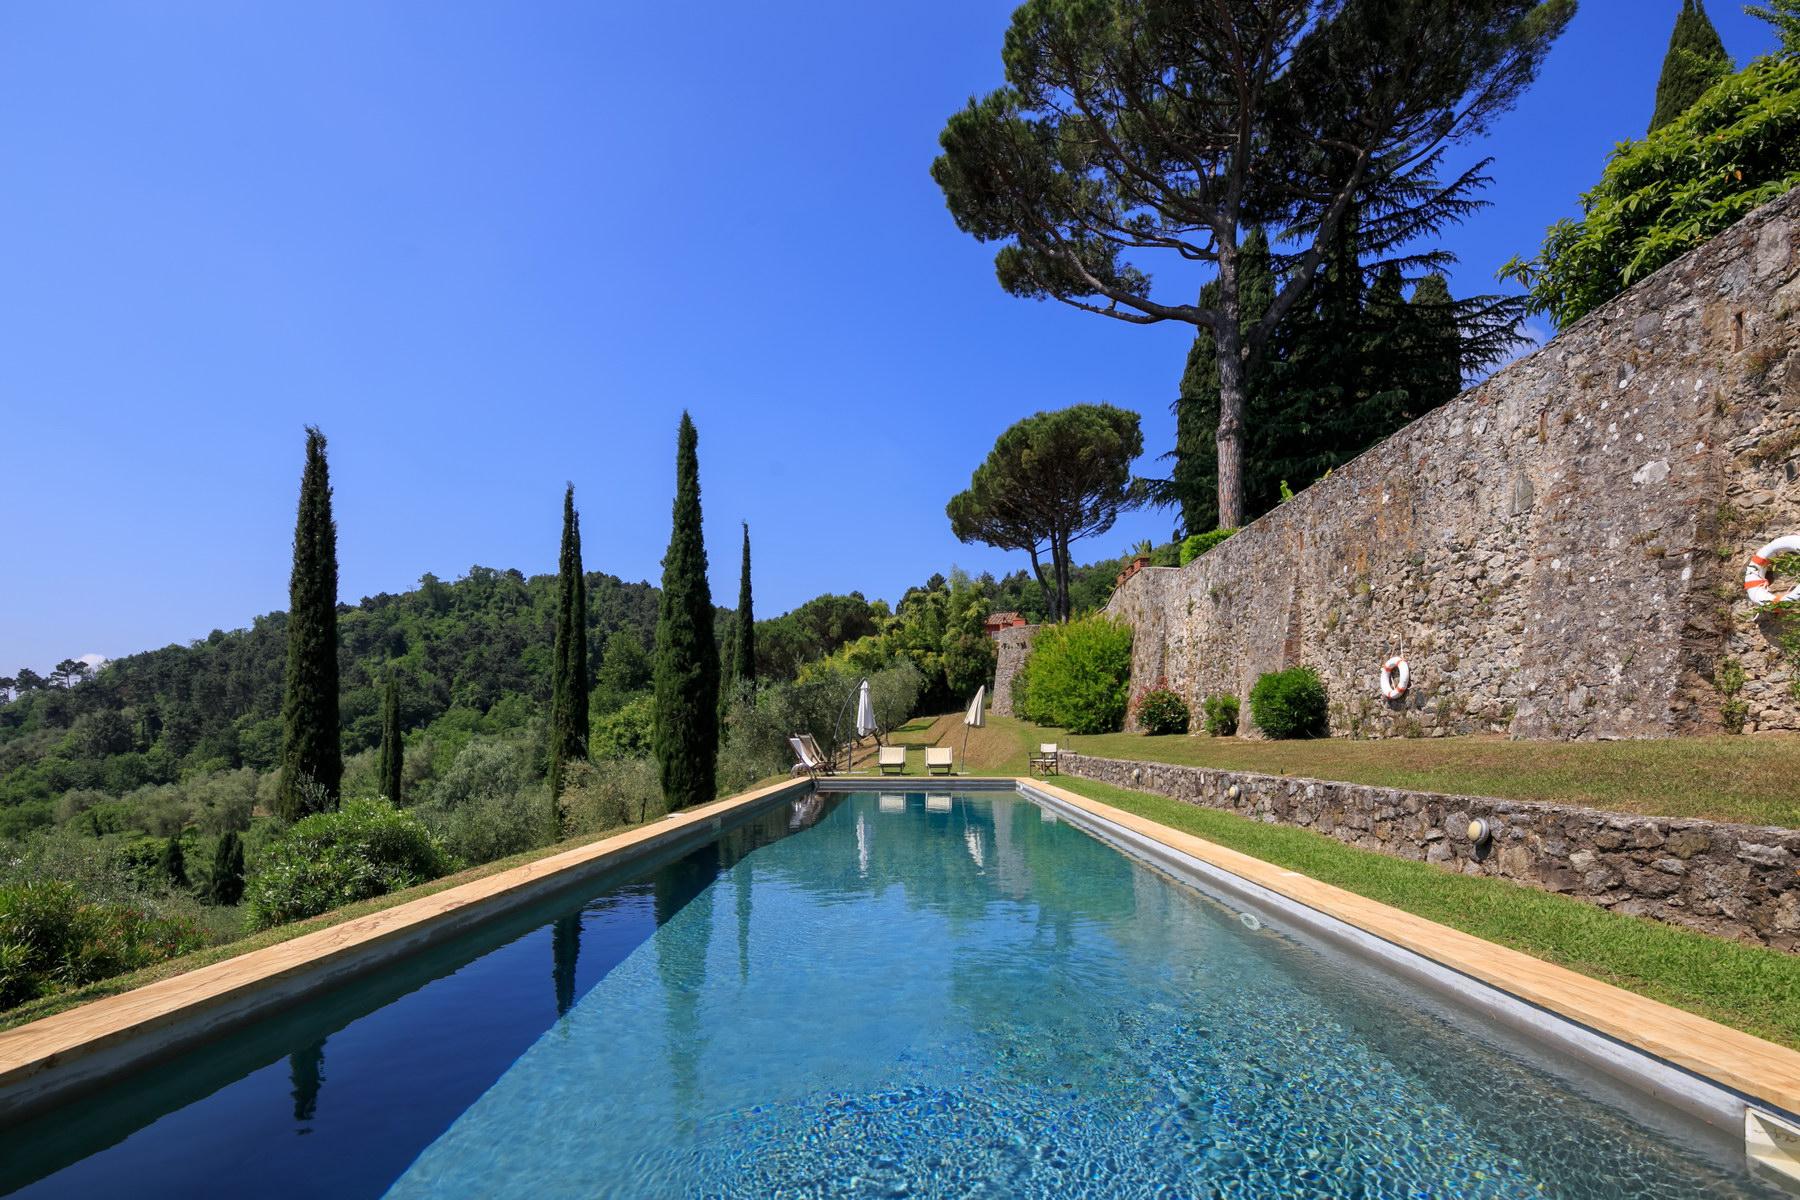 Villa di lusso in vendita a lucca via di misigliano for Case in vendita svizzera italiana